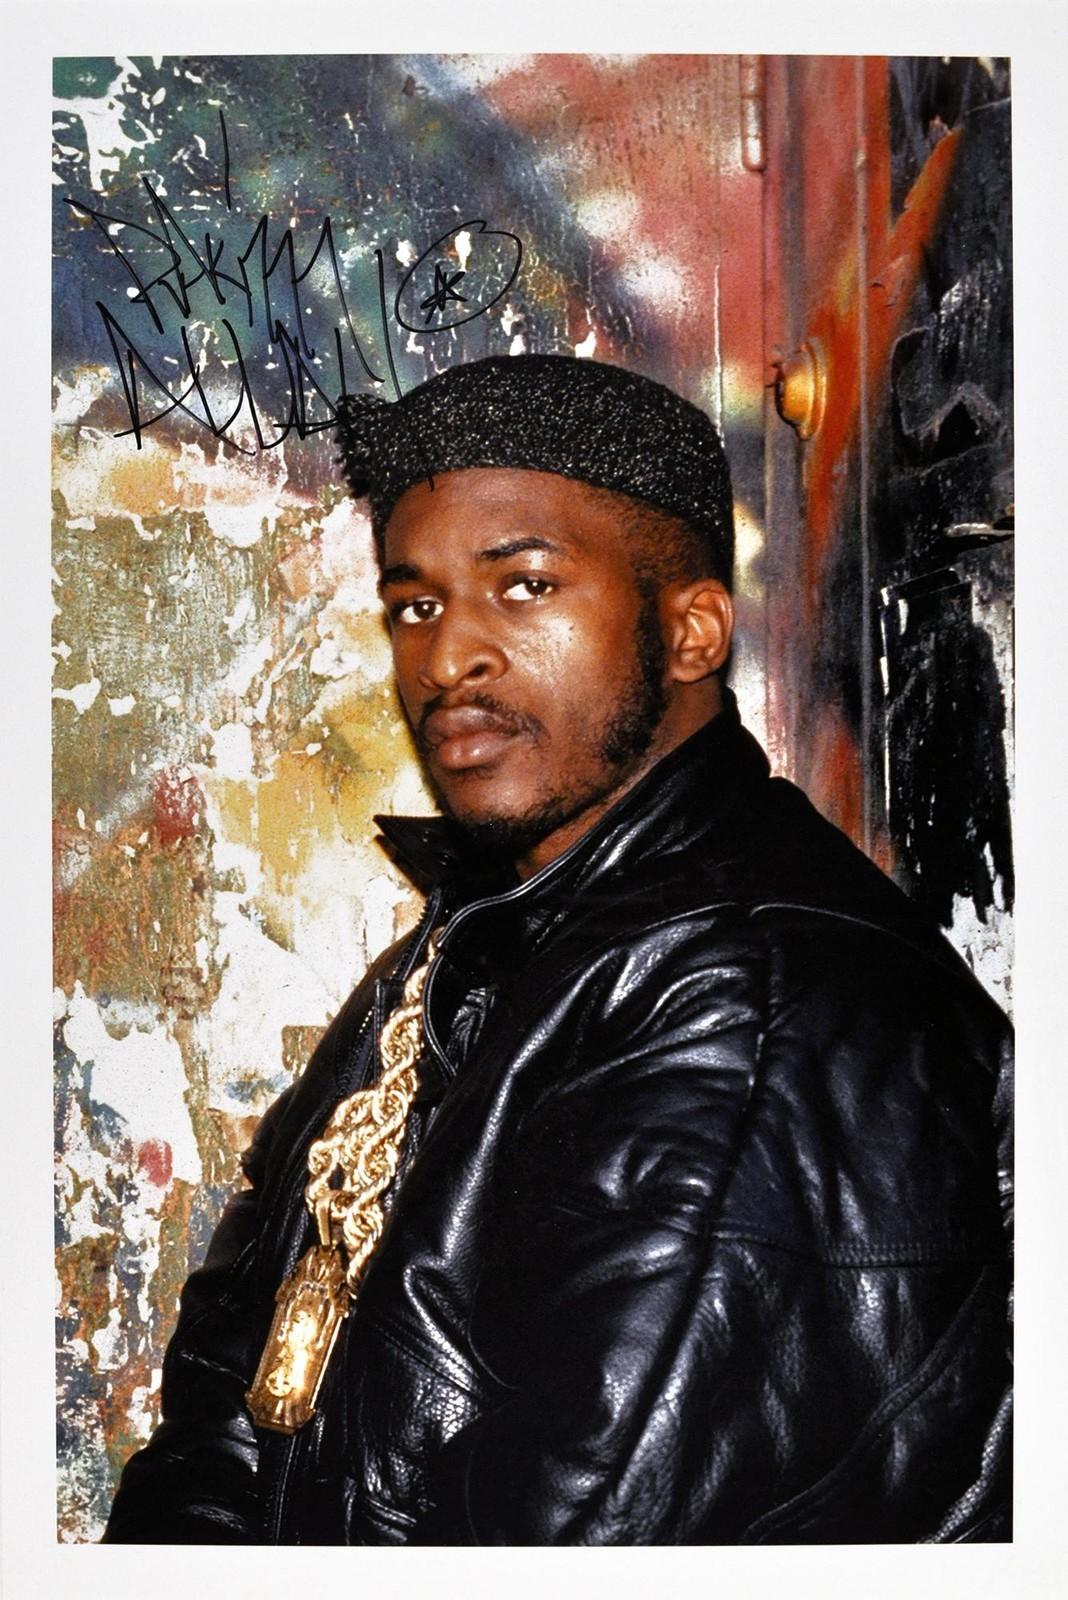 real-hiphophead: Rakim Allah